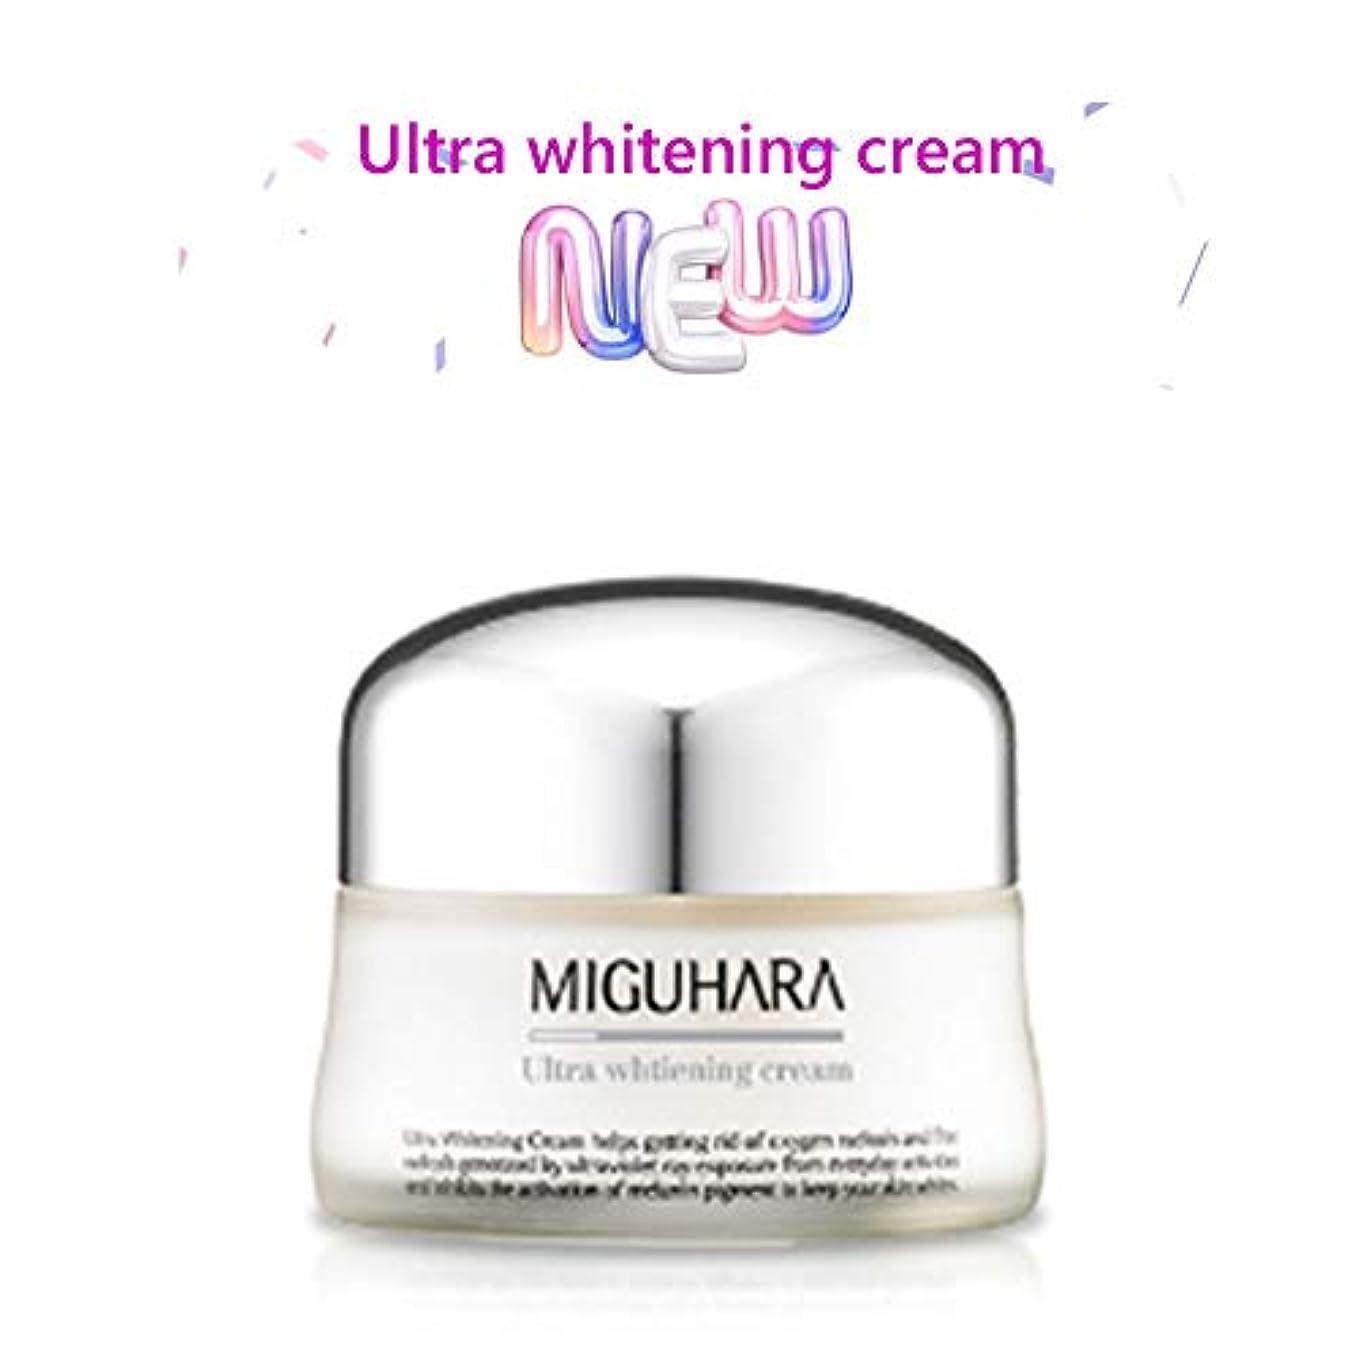 区画促進するの間でMIGUHARA ウルトラホワイトニングクリーム 50ml /Ultra Whitening Cream 50ml